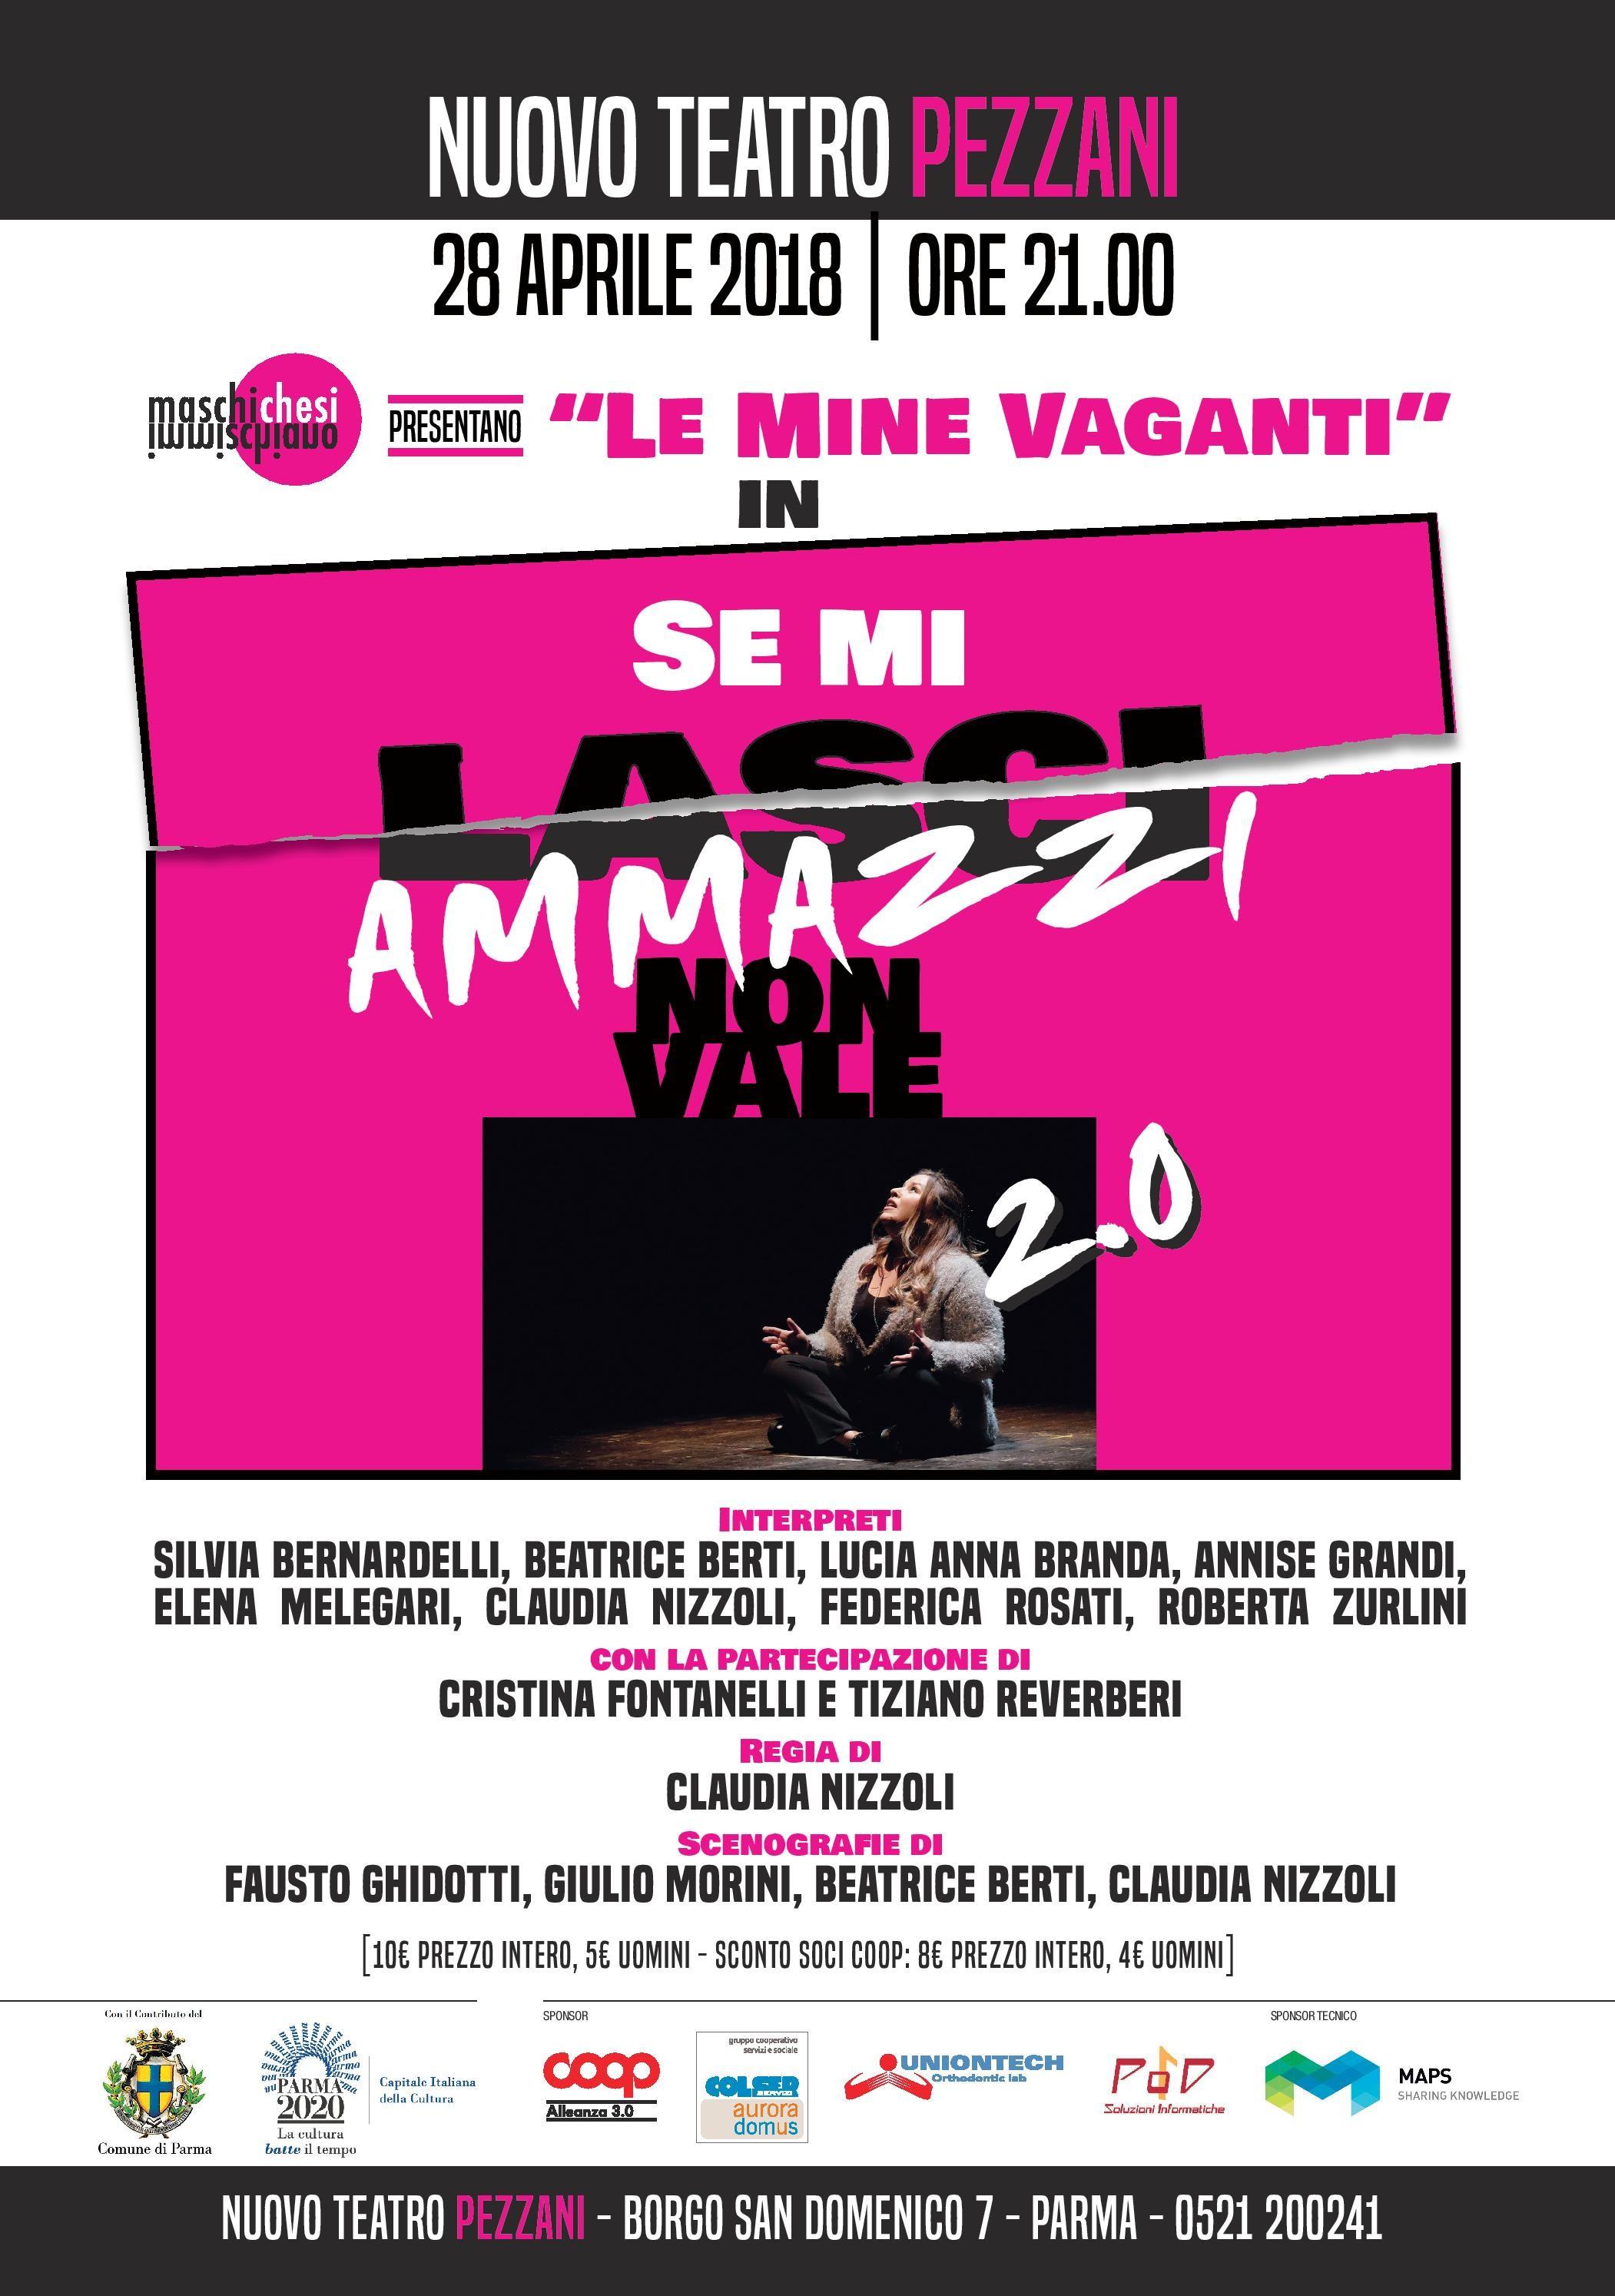 """Le mine vaganti in """"SE MI AMMAZZI NON VALE 2.0"""""""